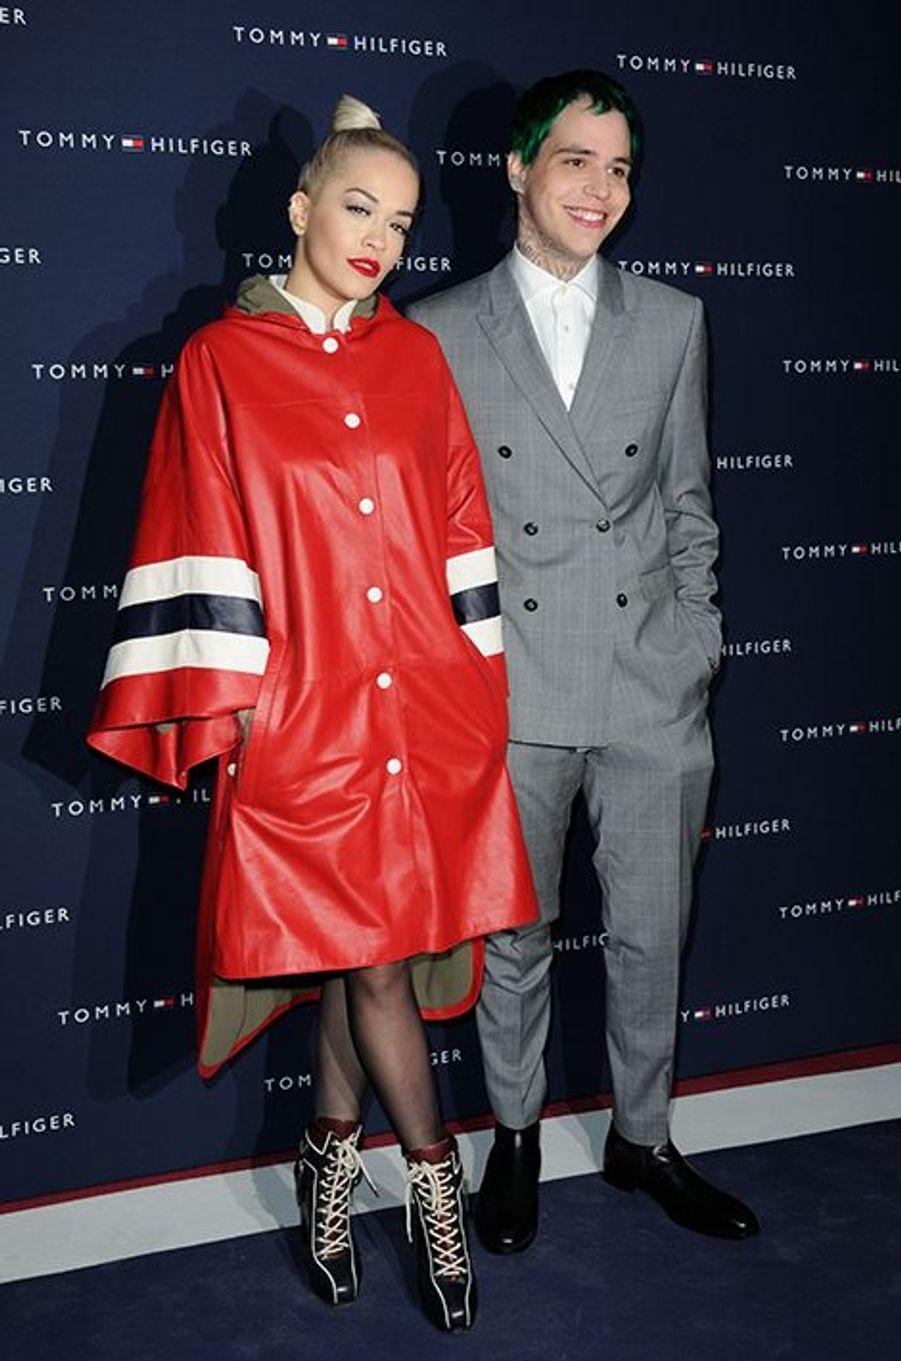 Rita Ora et Ricky Hilfiger à Paris le 31 mars 2015